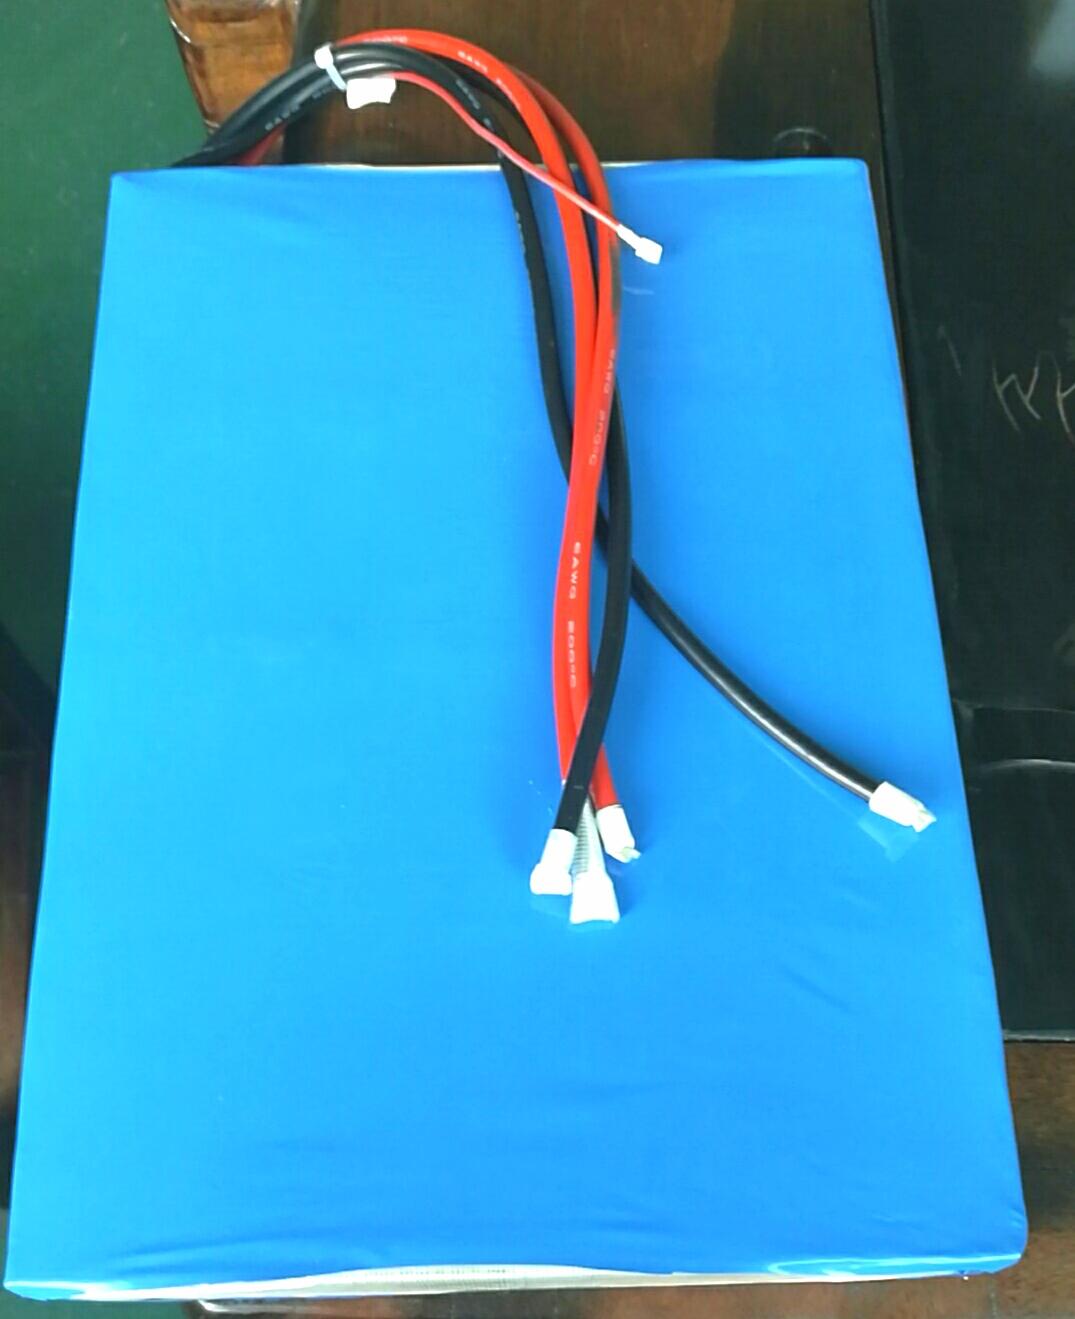 冲浪板锂电池